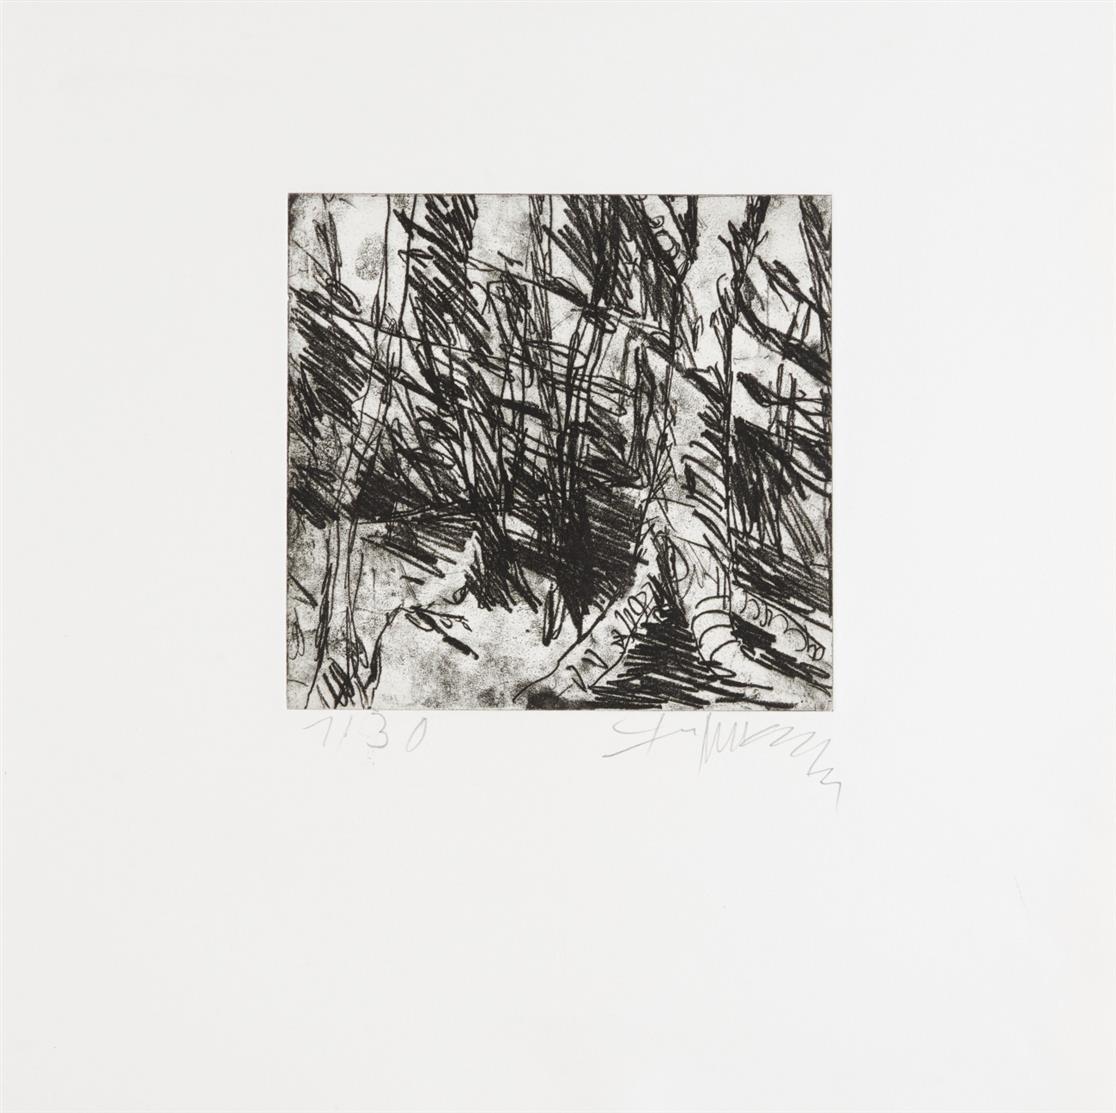 Klaus Fußmann. Waldstimme. 1982. Mappenwerk mit 5 Blatt Radierungen. Signiert. Ex. 1/30.